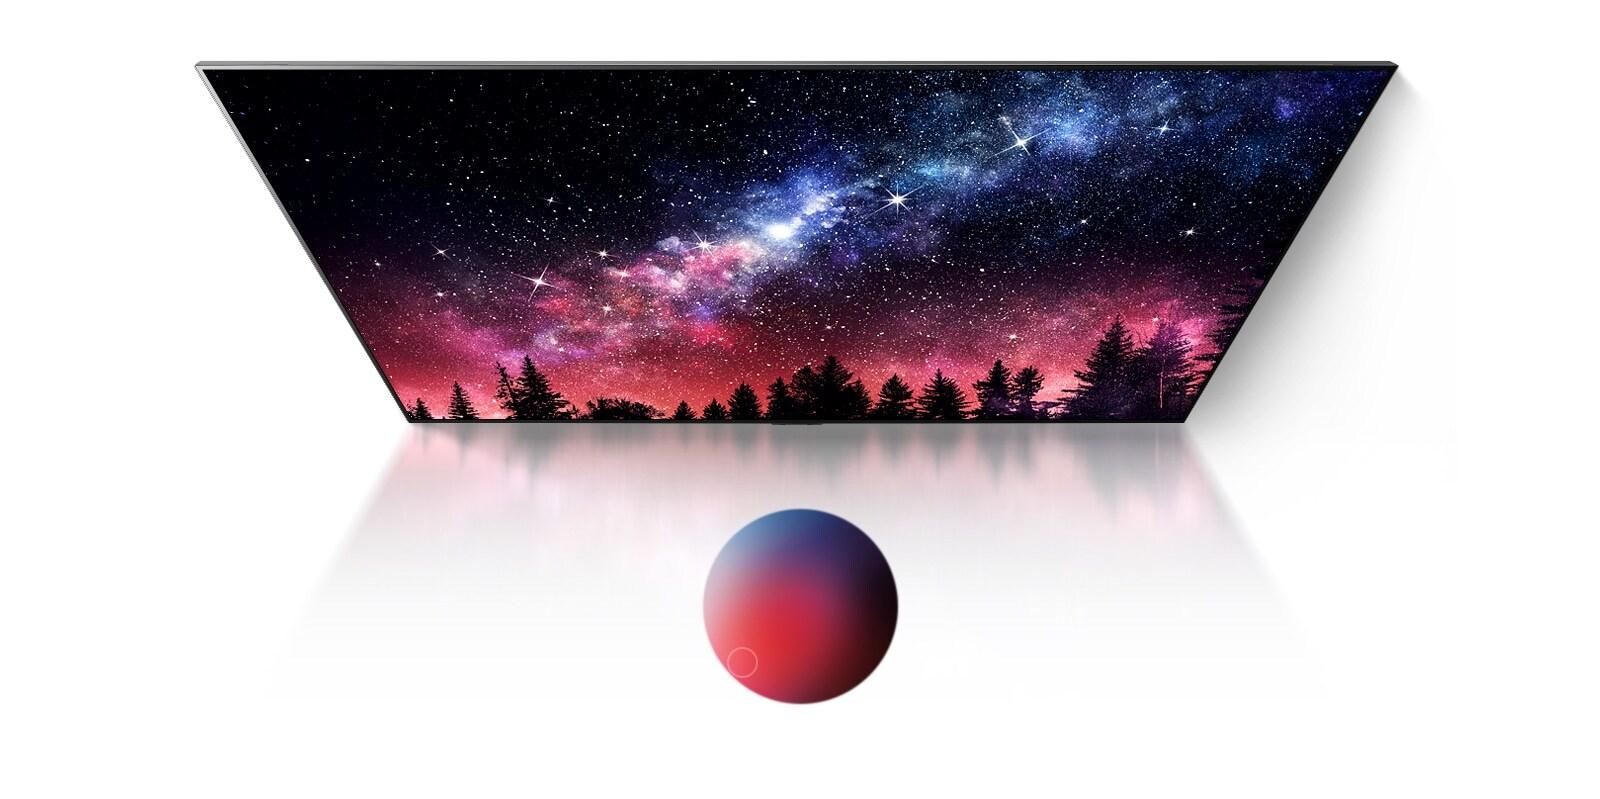 Televizijski zaslon v visoki kakovosti prikazuje Mlečno pot, modro nebo in eksplozijo barvitega prahu (predvajanje videa)